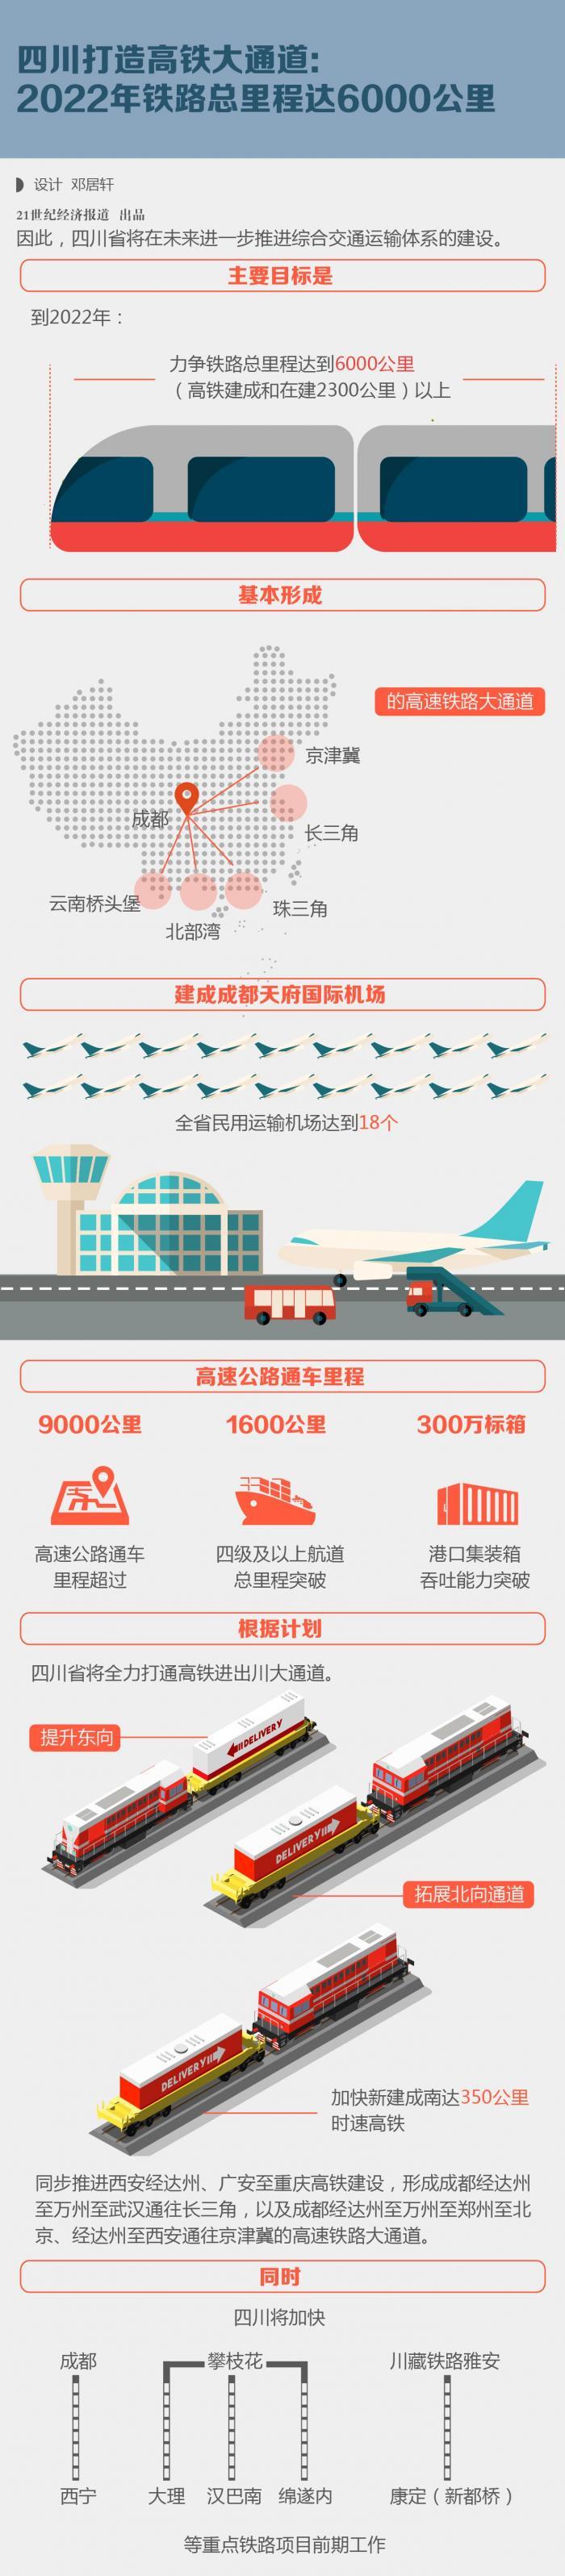 四川:力推高铁 2022铁路总里程达6000公里